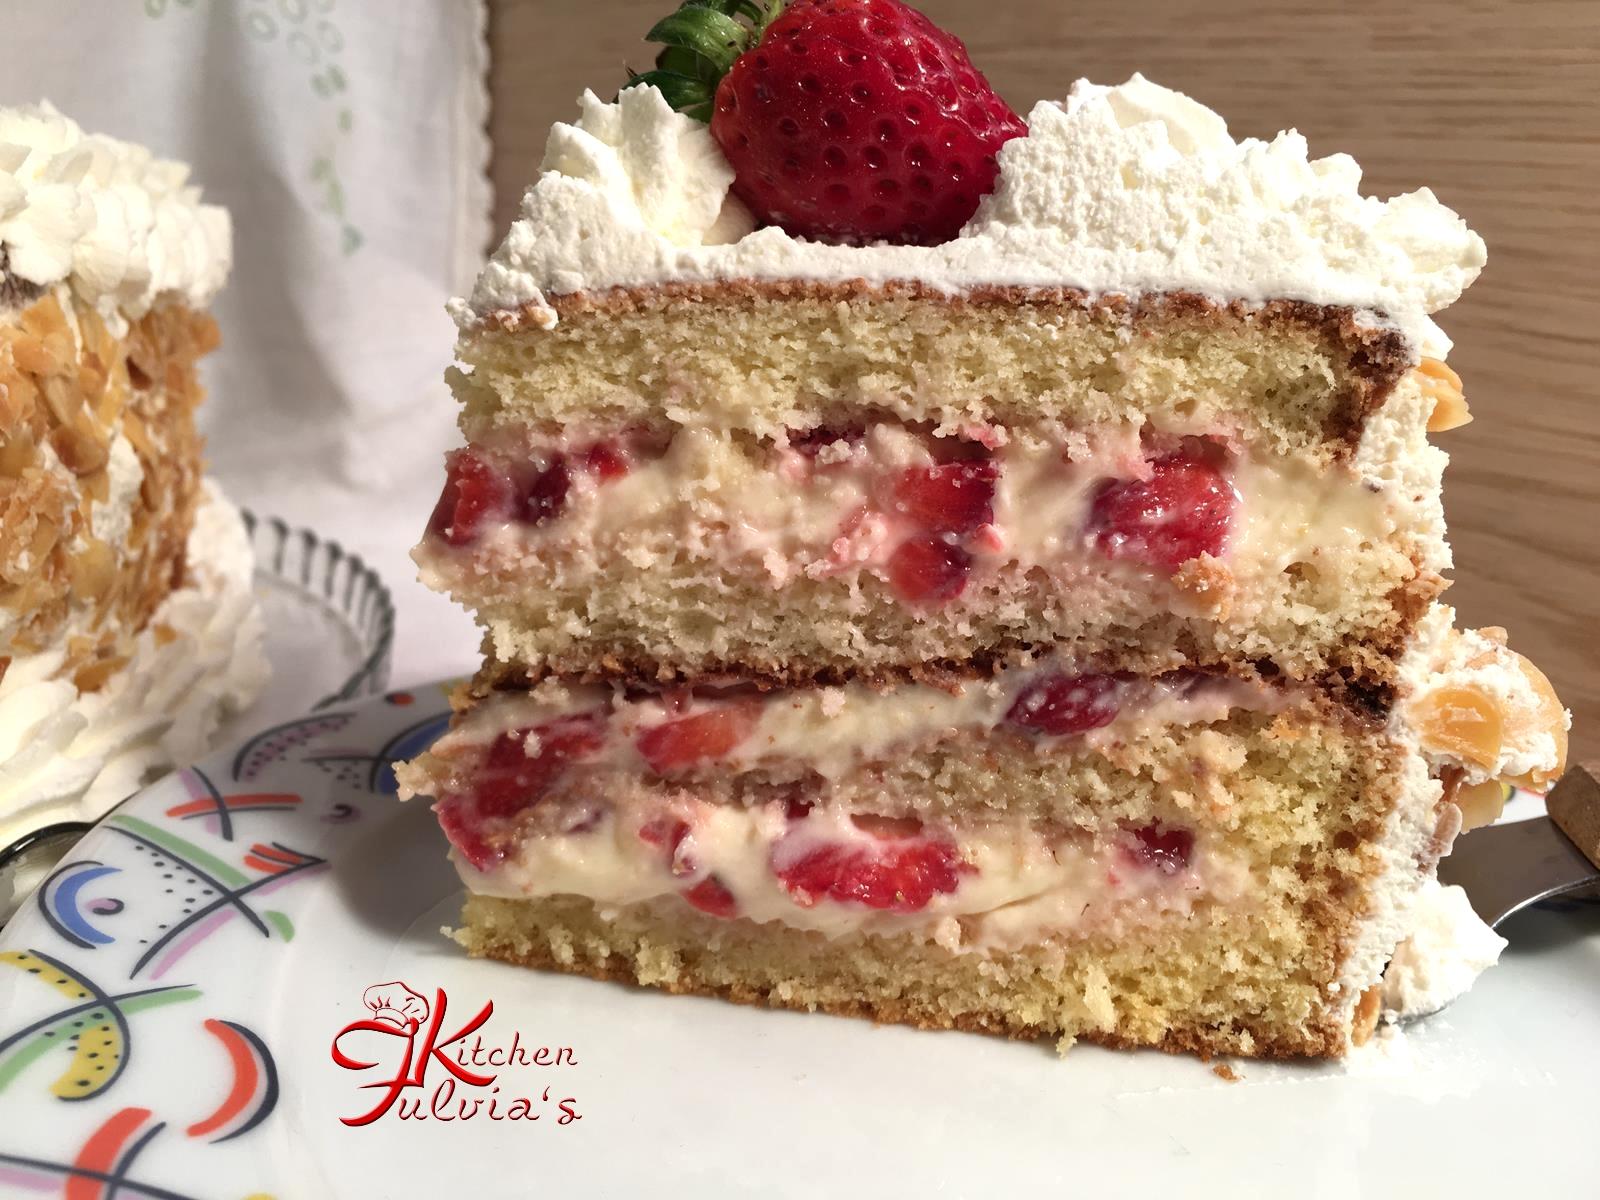 Torta Di Compleanno Con Panna E Fragole Videoricetta Fulvia S